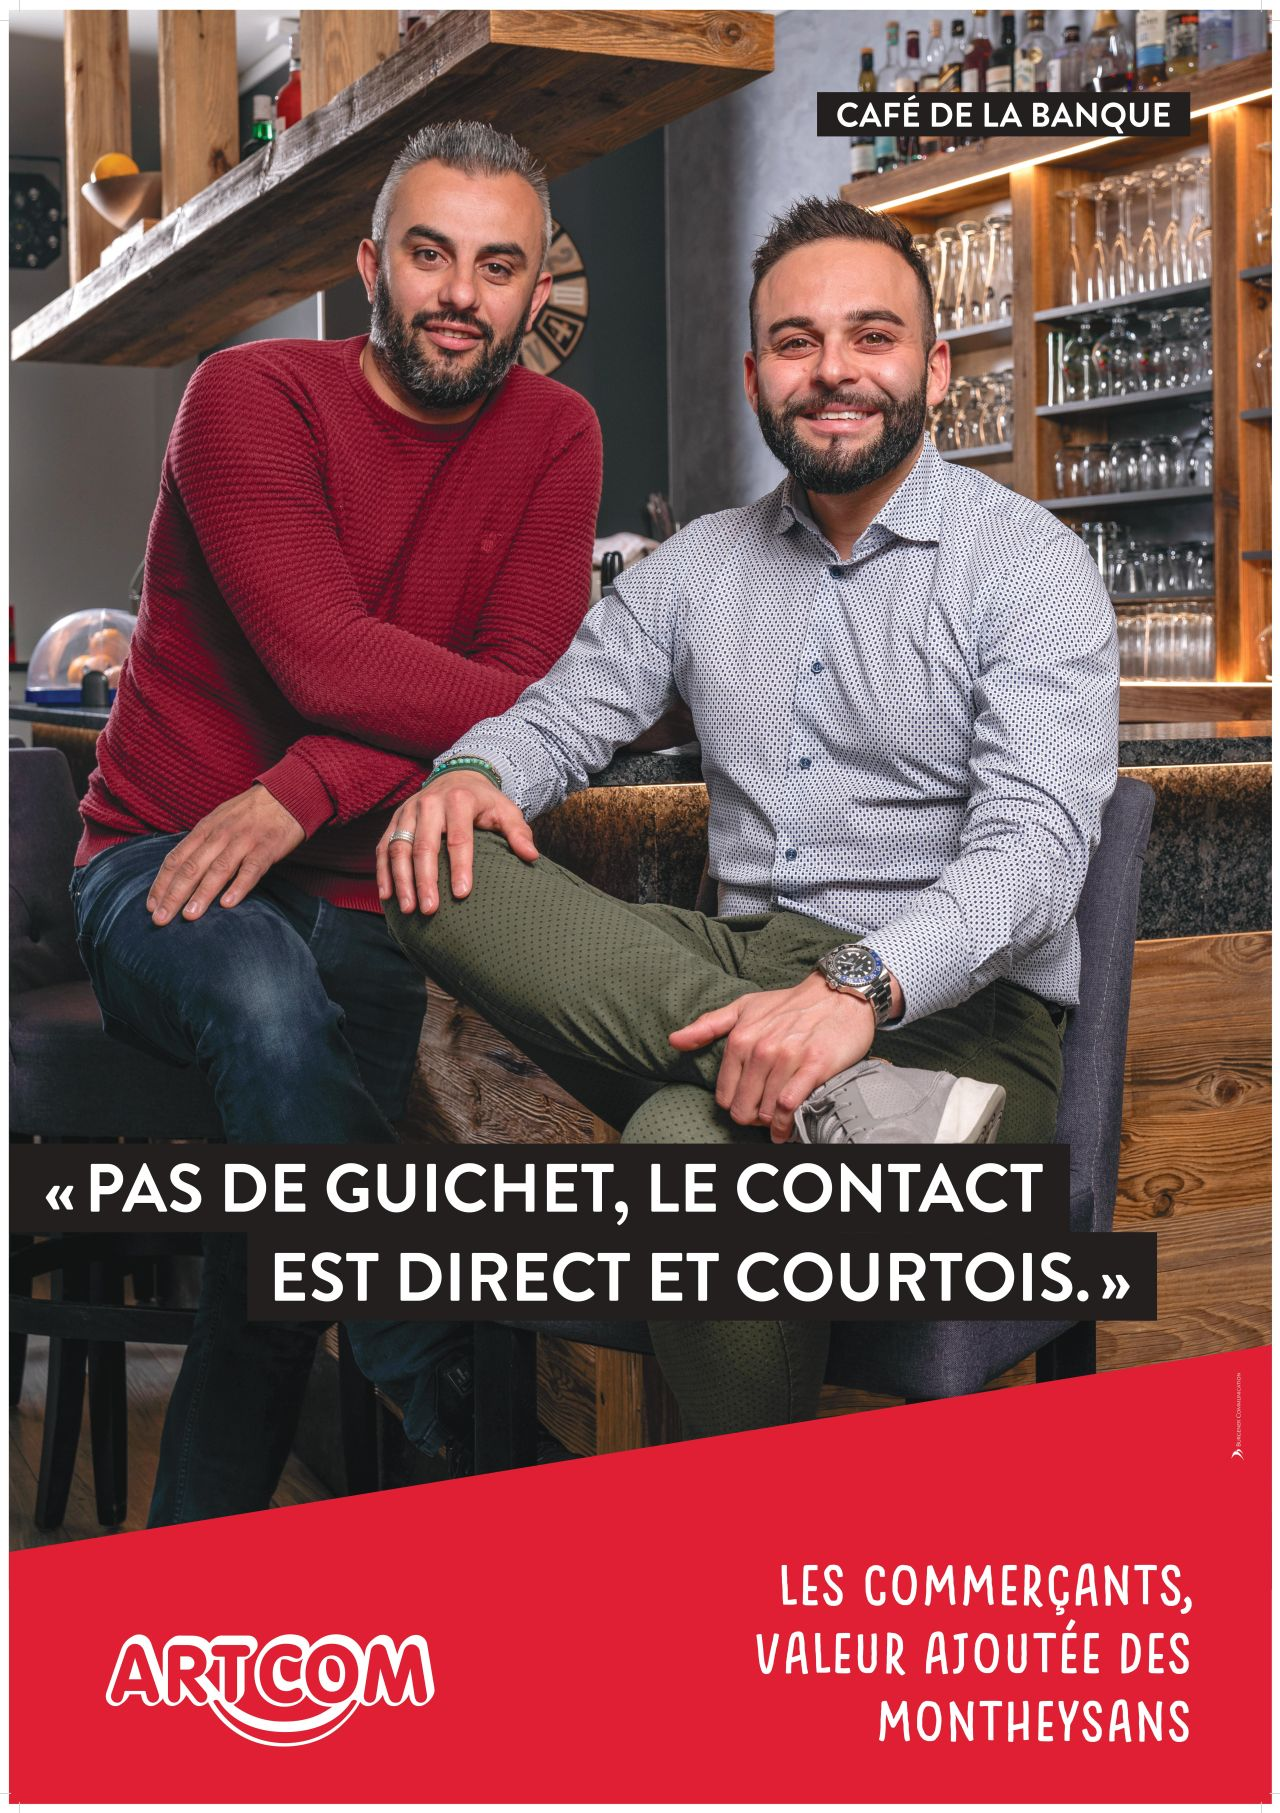 Affiche Café de la banque